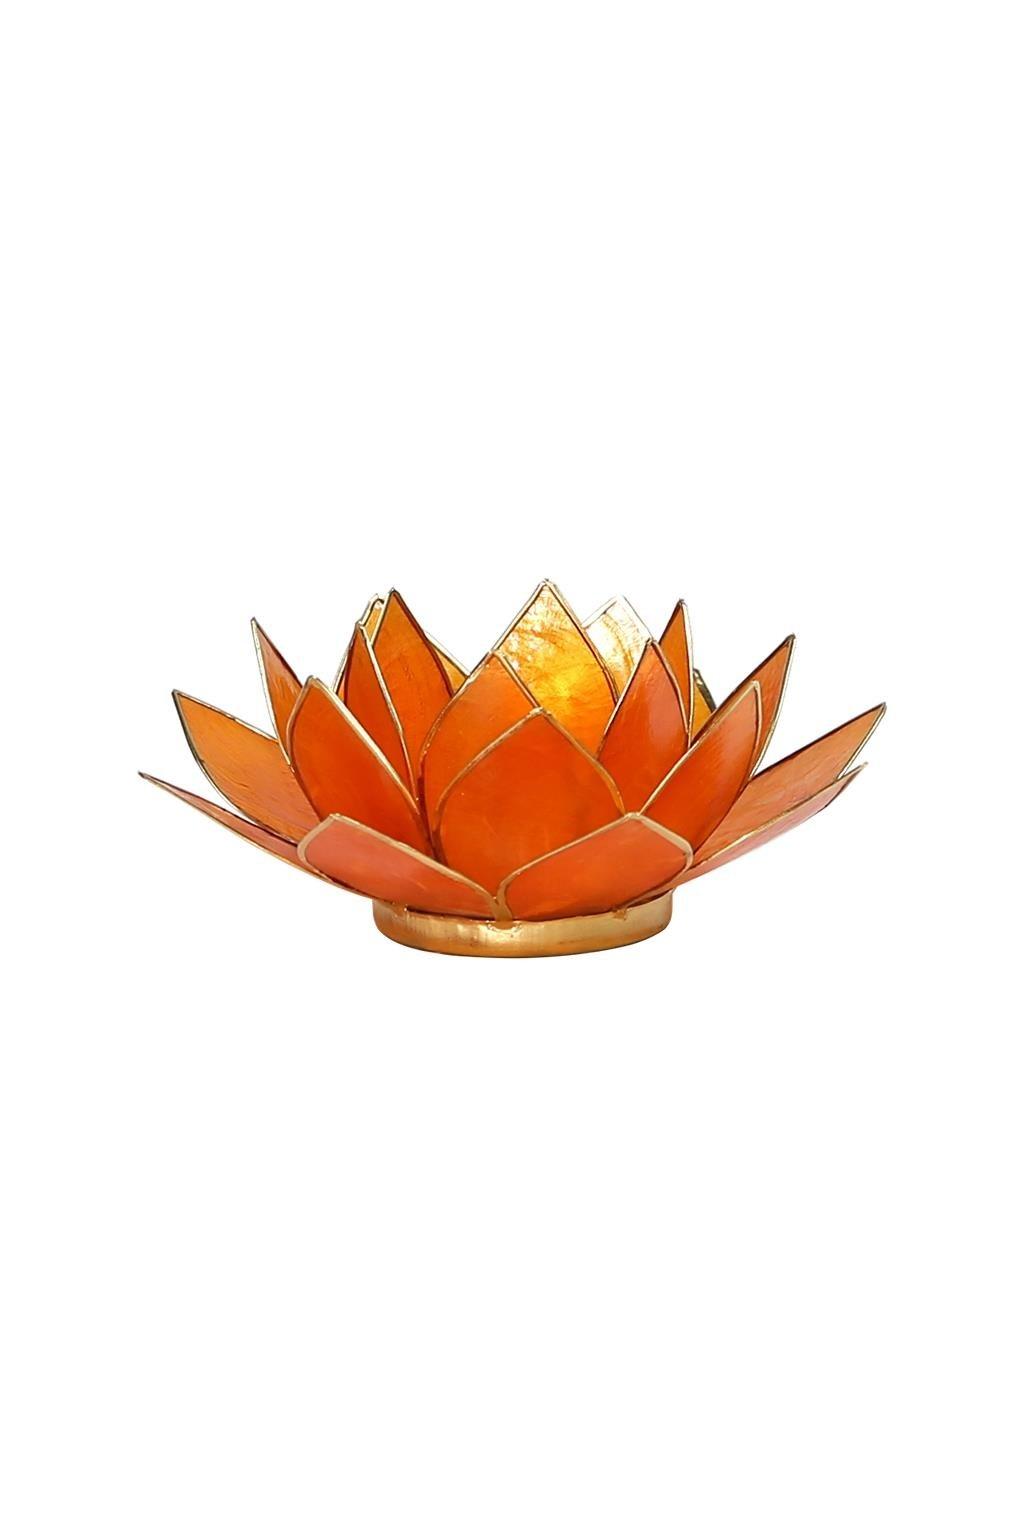 Lotosový svícen 2. čakra - zlatý okraj